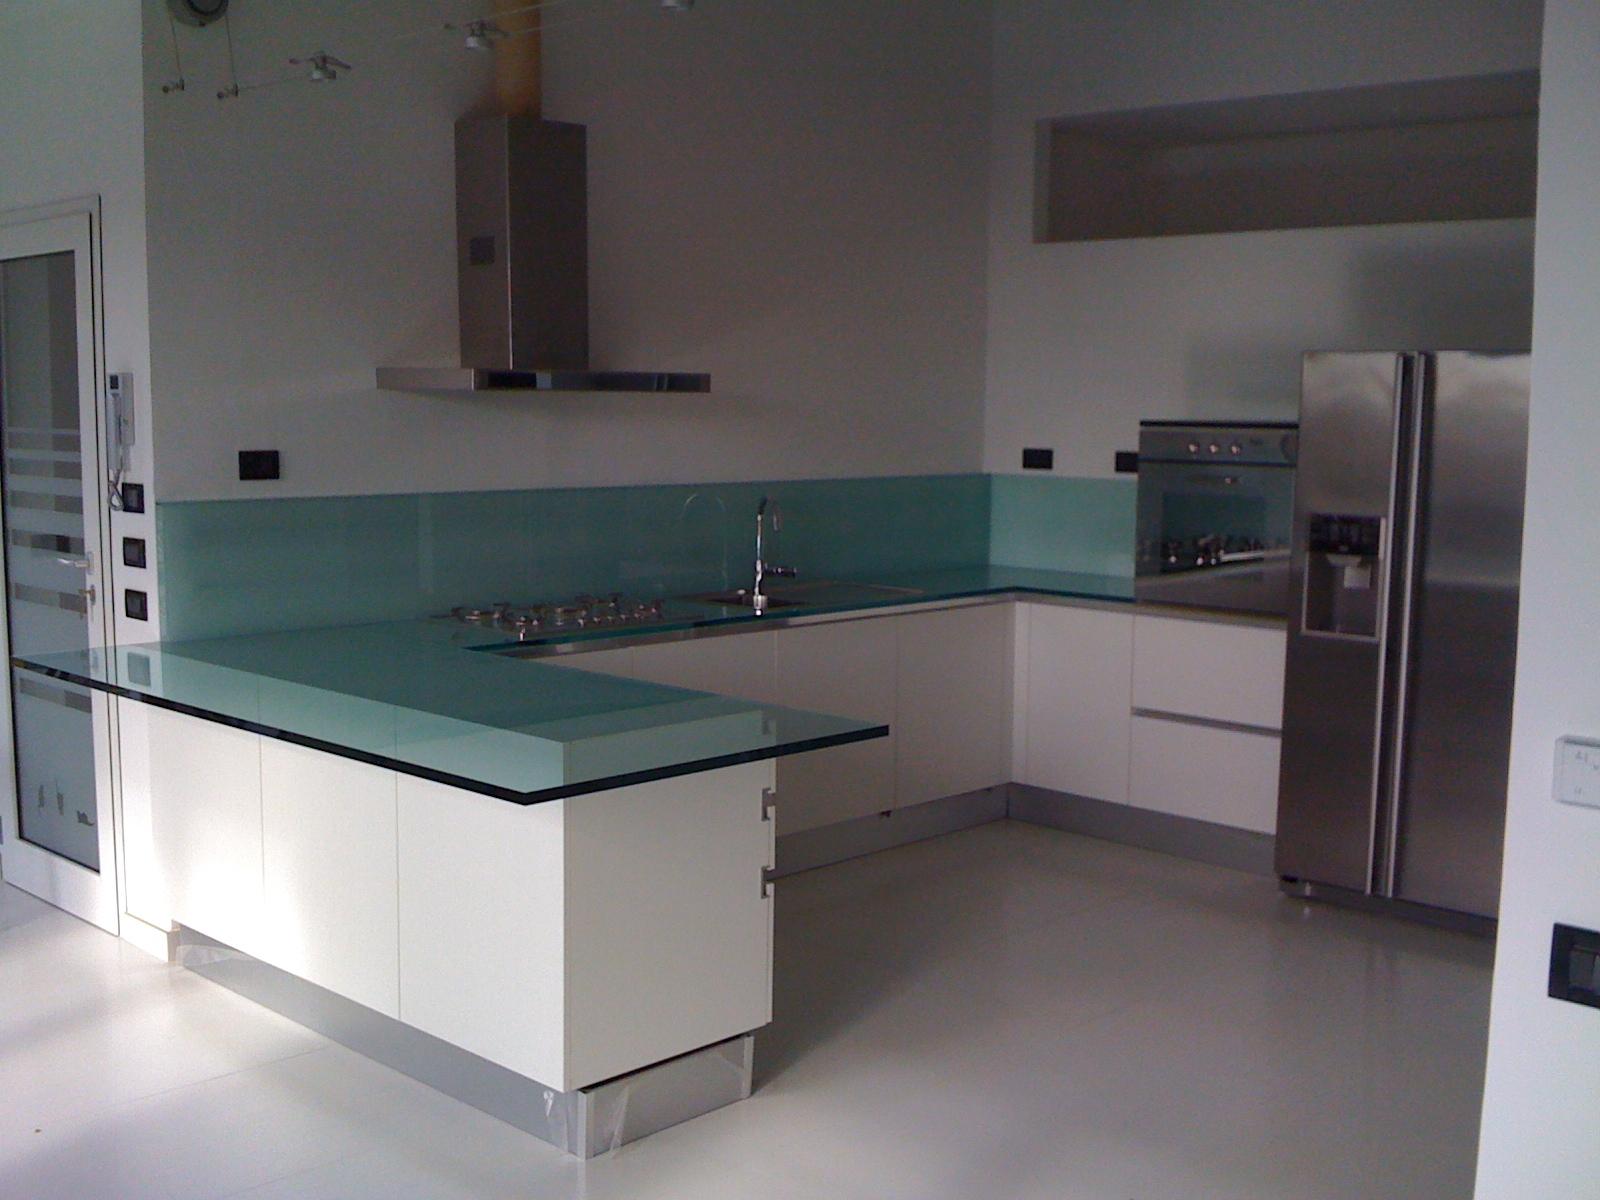 V t b arredamenti italiano cucina top vetro - Top cucina in vetro ...